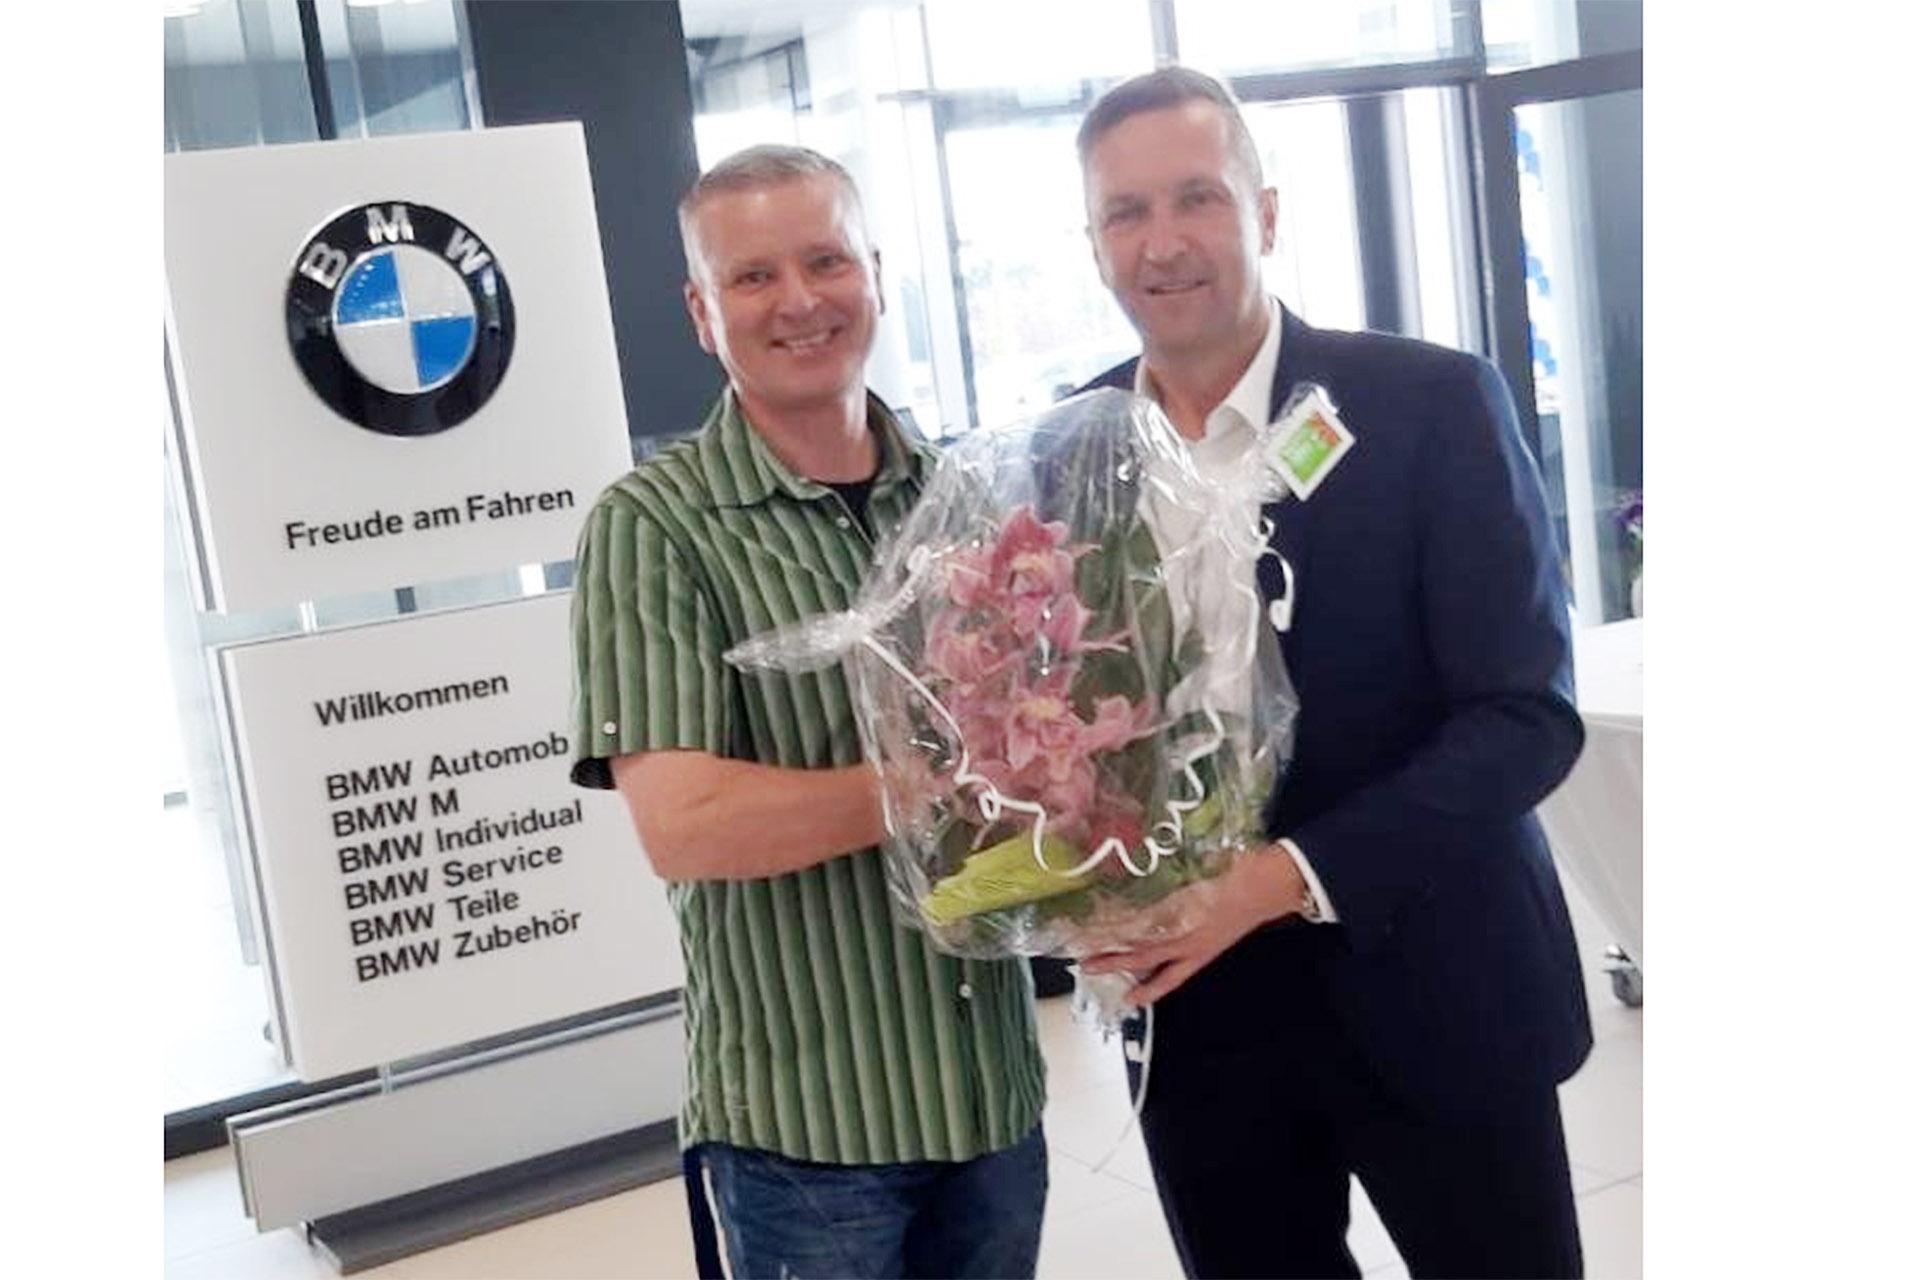 Glückwünsche zur großen Eröffnung möchten wir heute unserem Sponsor, dem BMW Autohaus Kühnert GmbH & KG im Namen des Vorstands übermitteln.